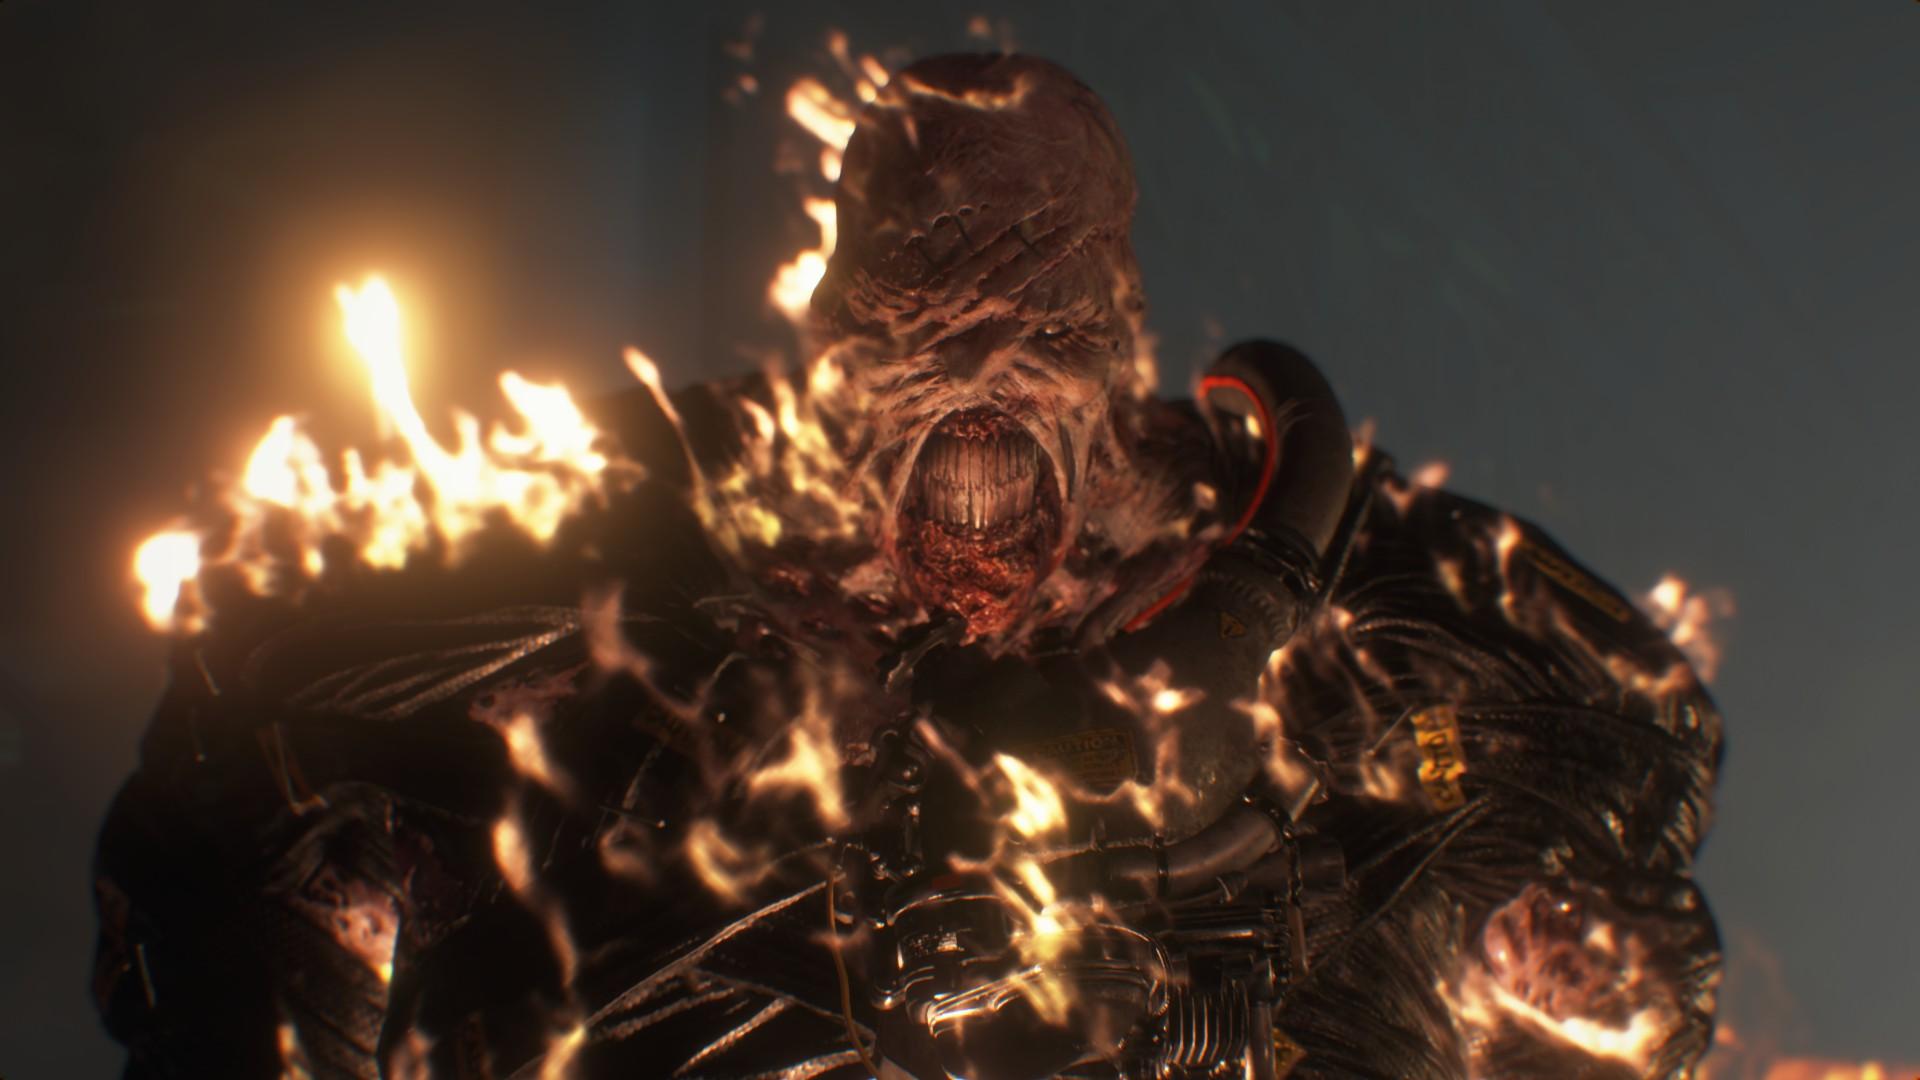 《生化危机3:重制版》实机截图更新,追踪者全身火焰追逐吉尔 (2)